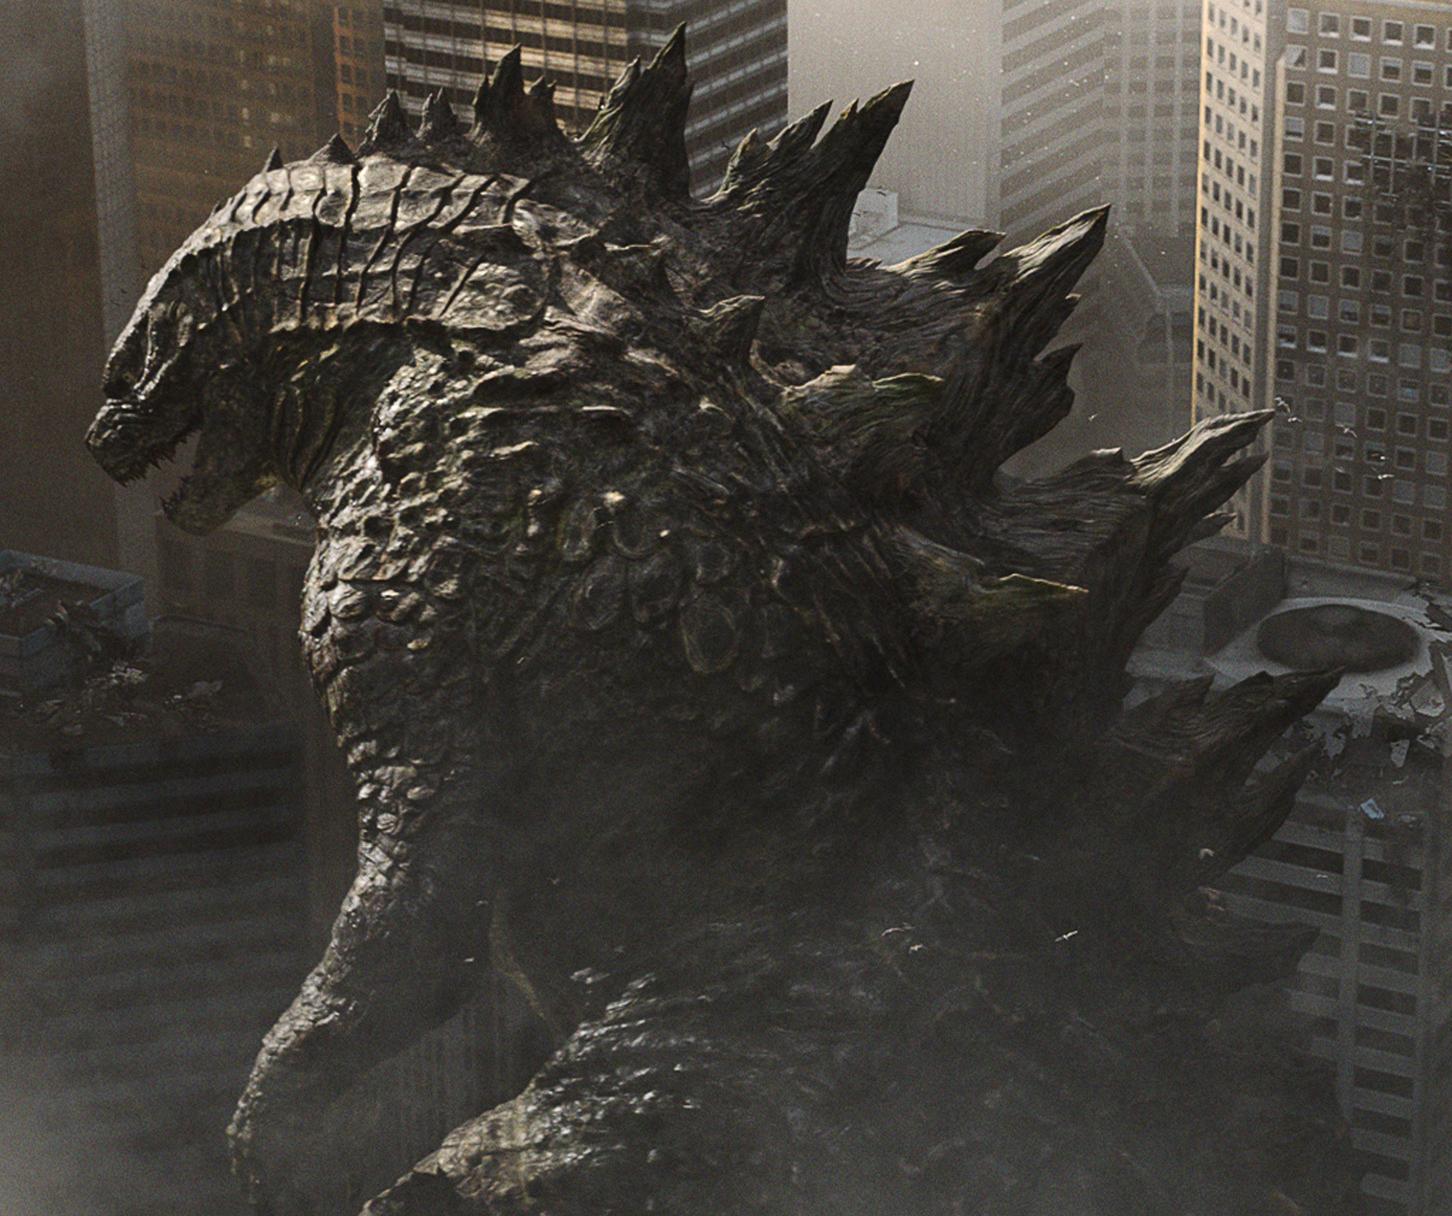 Godzilla News : ハリウッド版「ゴジラ」シリーズの頂上決戦「ゴジラ VS.コング」のエイザ・ゴンザレスさんが、未確認生物の秘密研究機関 Monarch の戦うヒロインらしいことが明らかになったハワイ・ロケのセット・フォト ! !